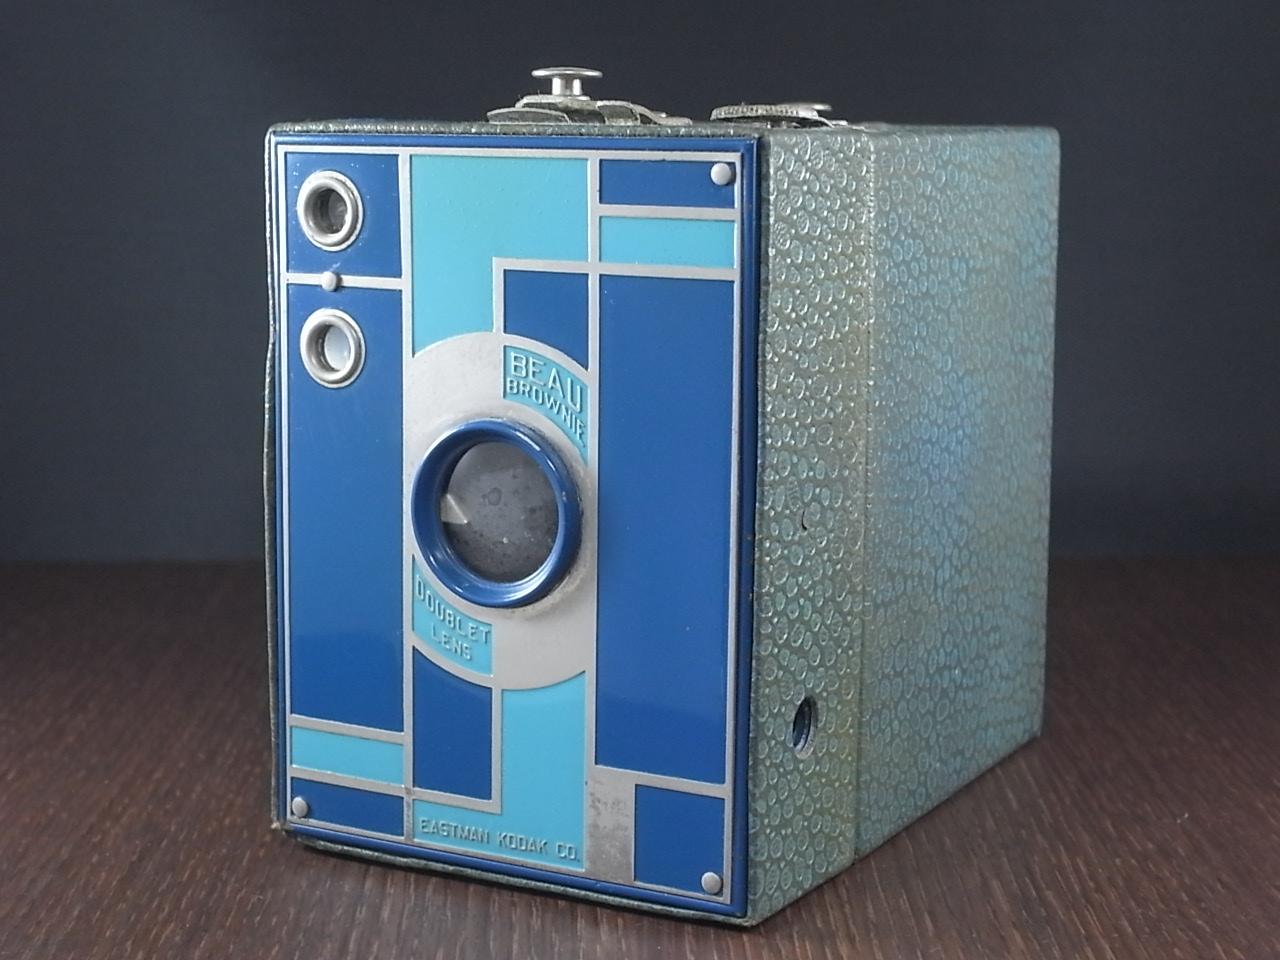 コダック No.2 ブローニー アールデコカメラ ブルーのメイン写真